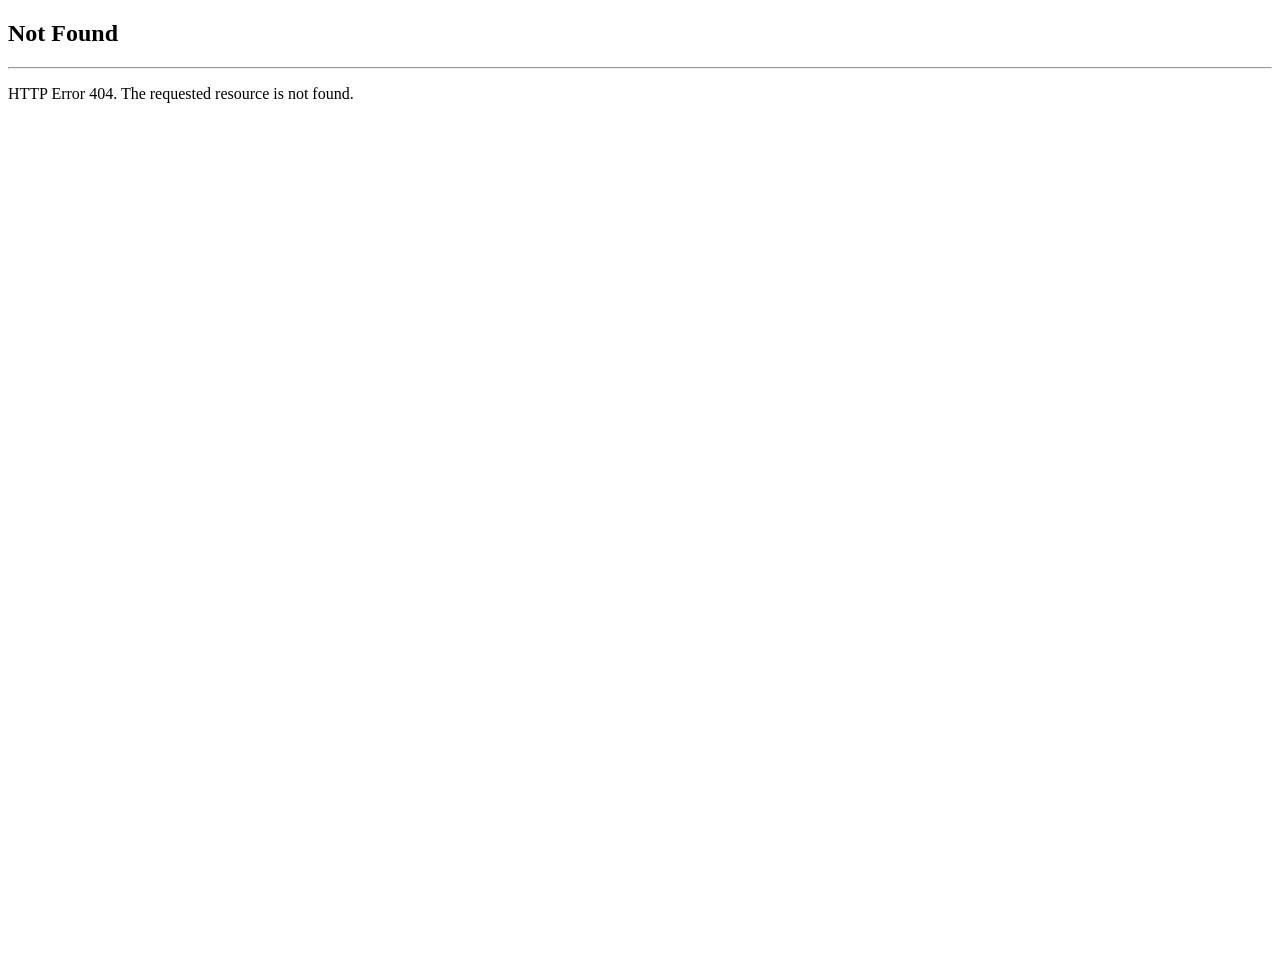 QQ分类知识网 - QQ网名、QQ空间、QQ游戏、号码行、QQ日志、QQ游戏等知识分享